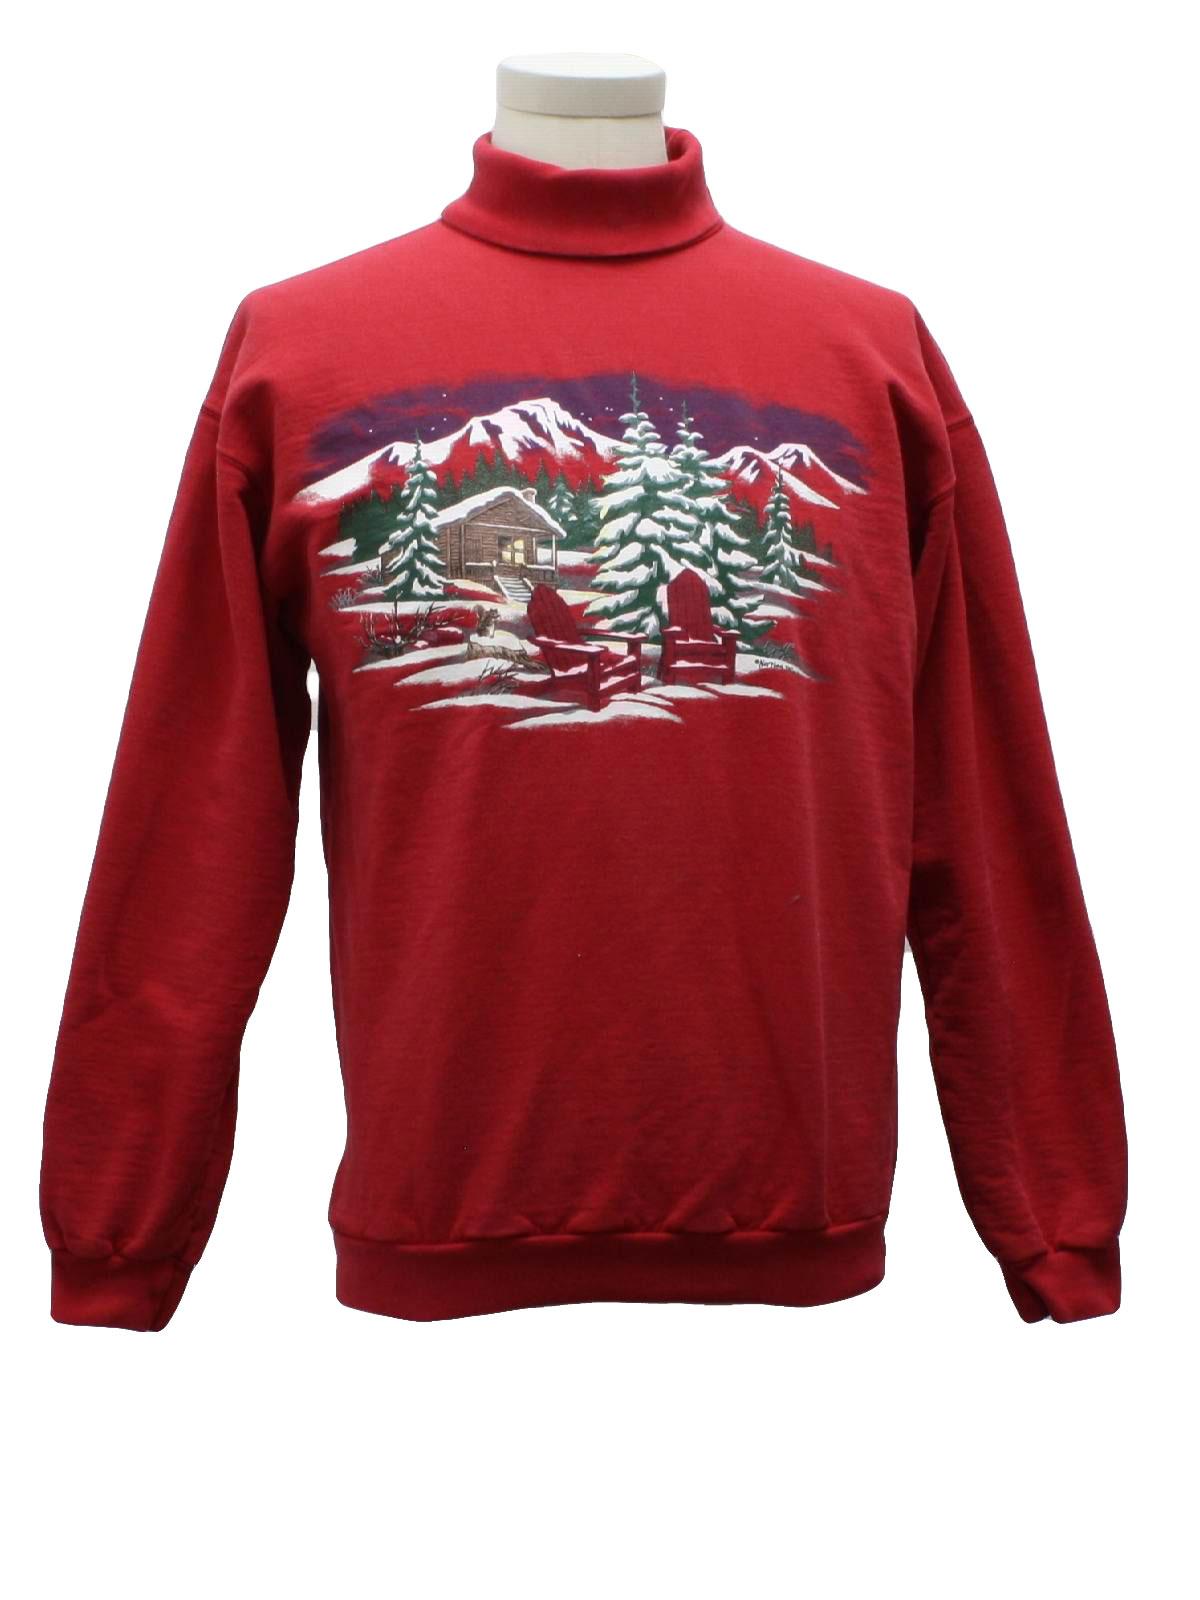 Ugly Christmas Shirts